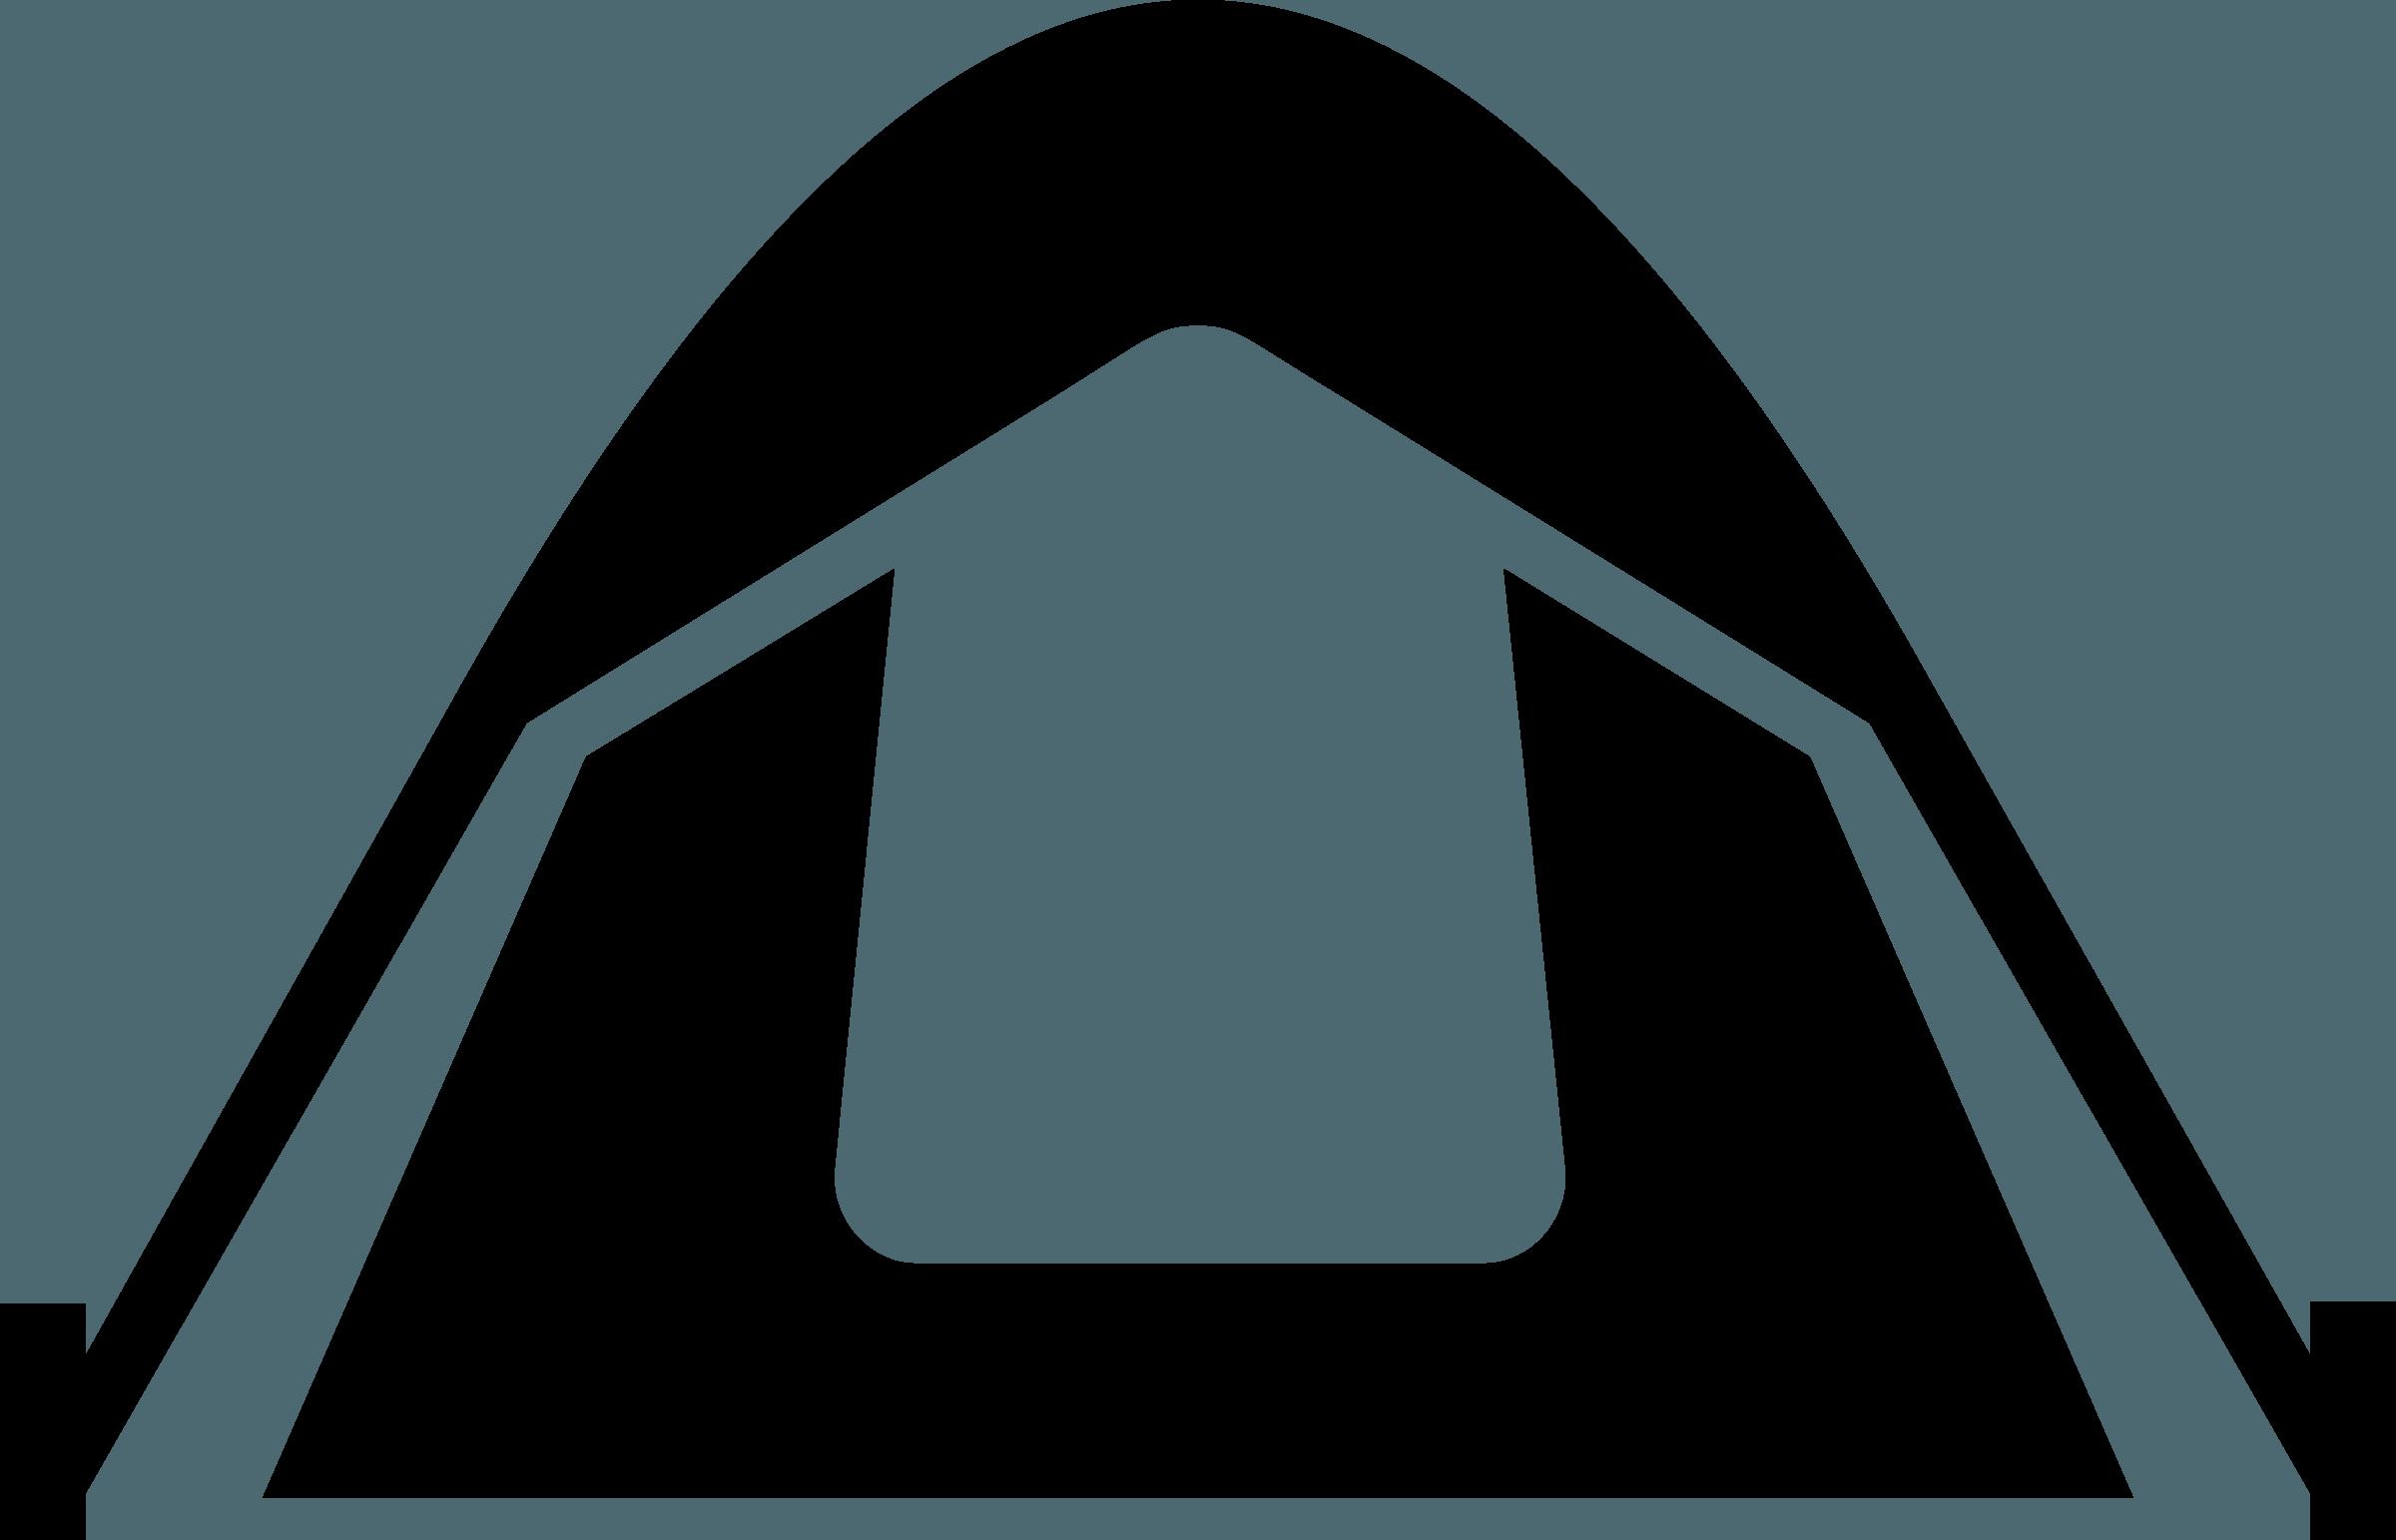 2400x1543 Tent Clipart Panda